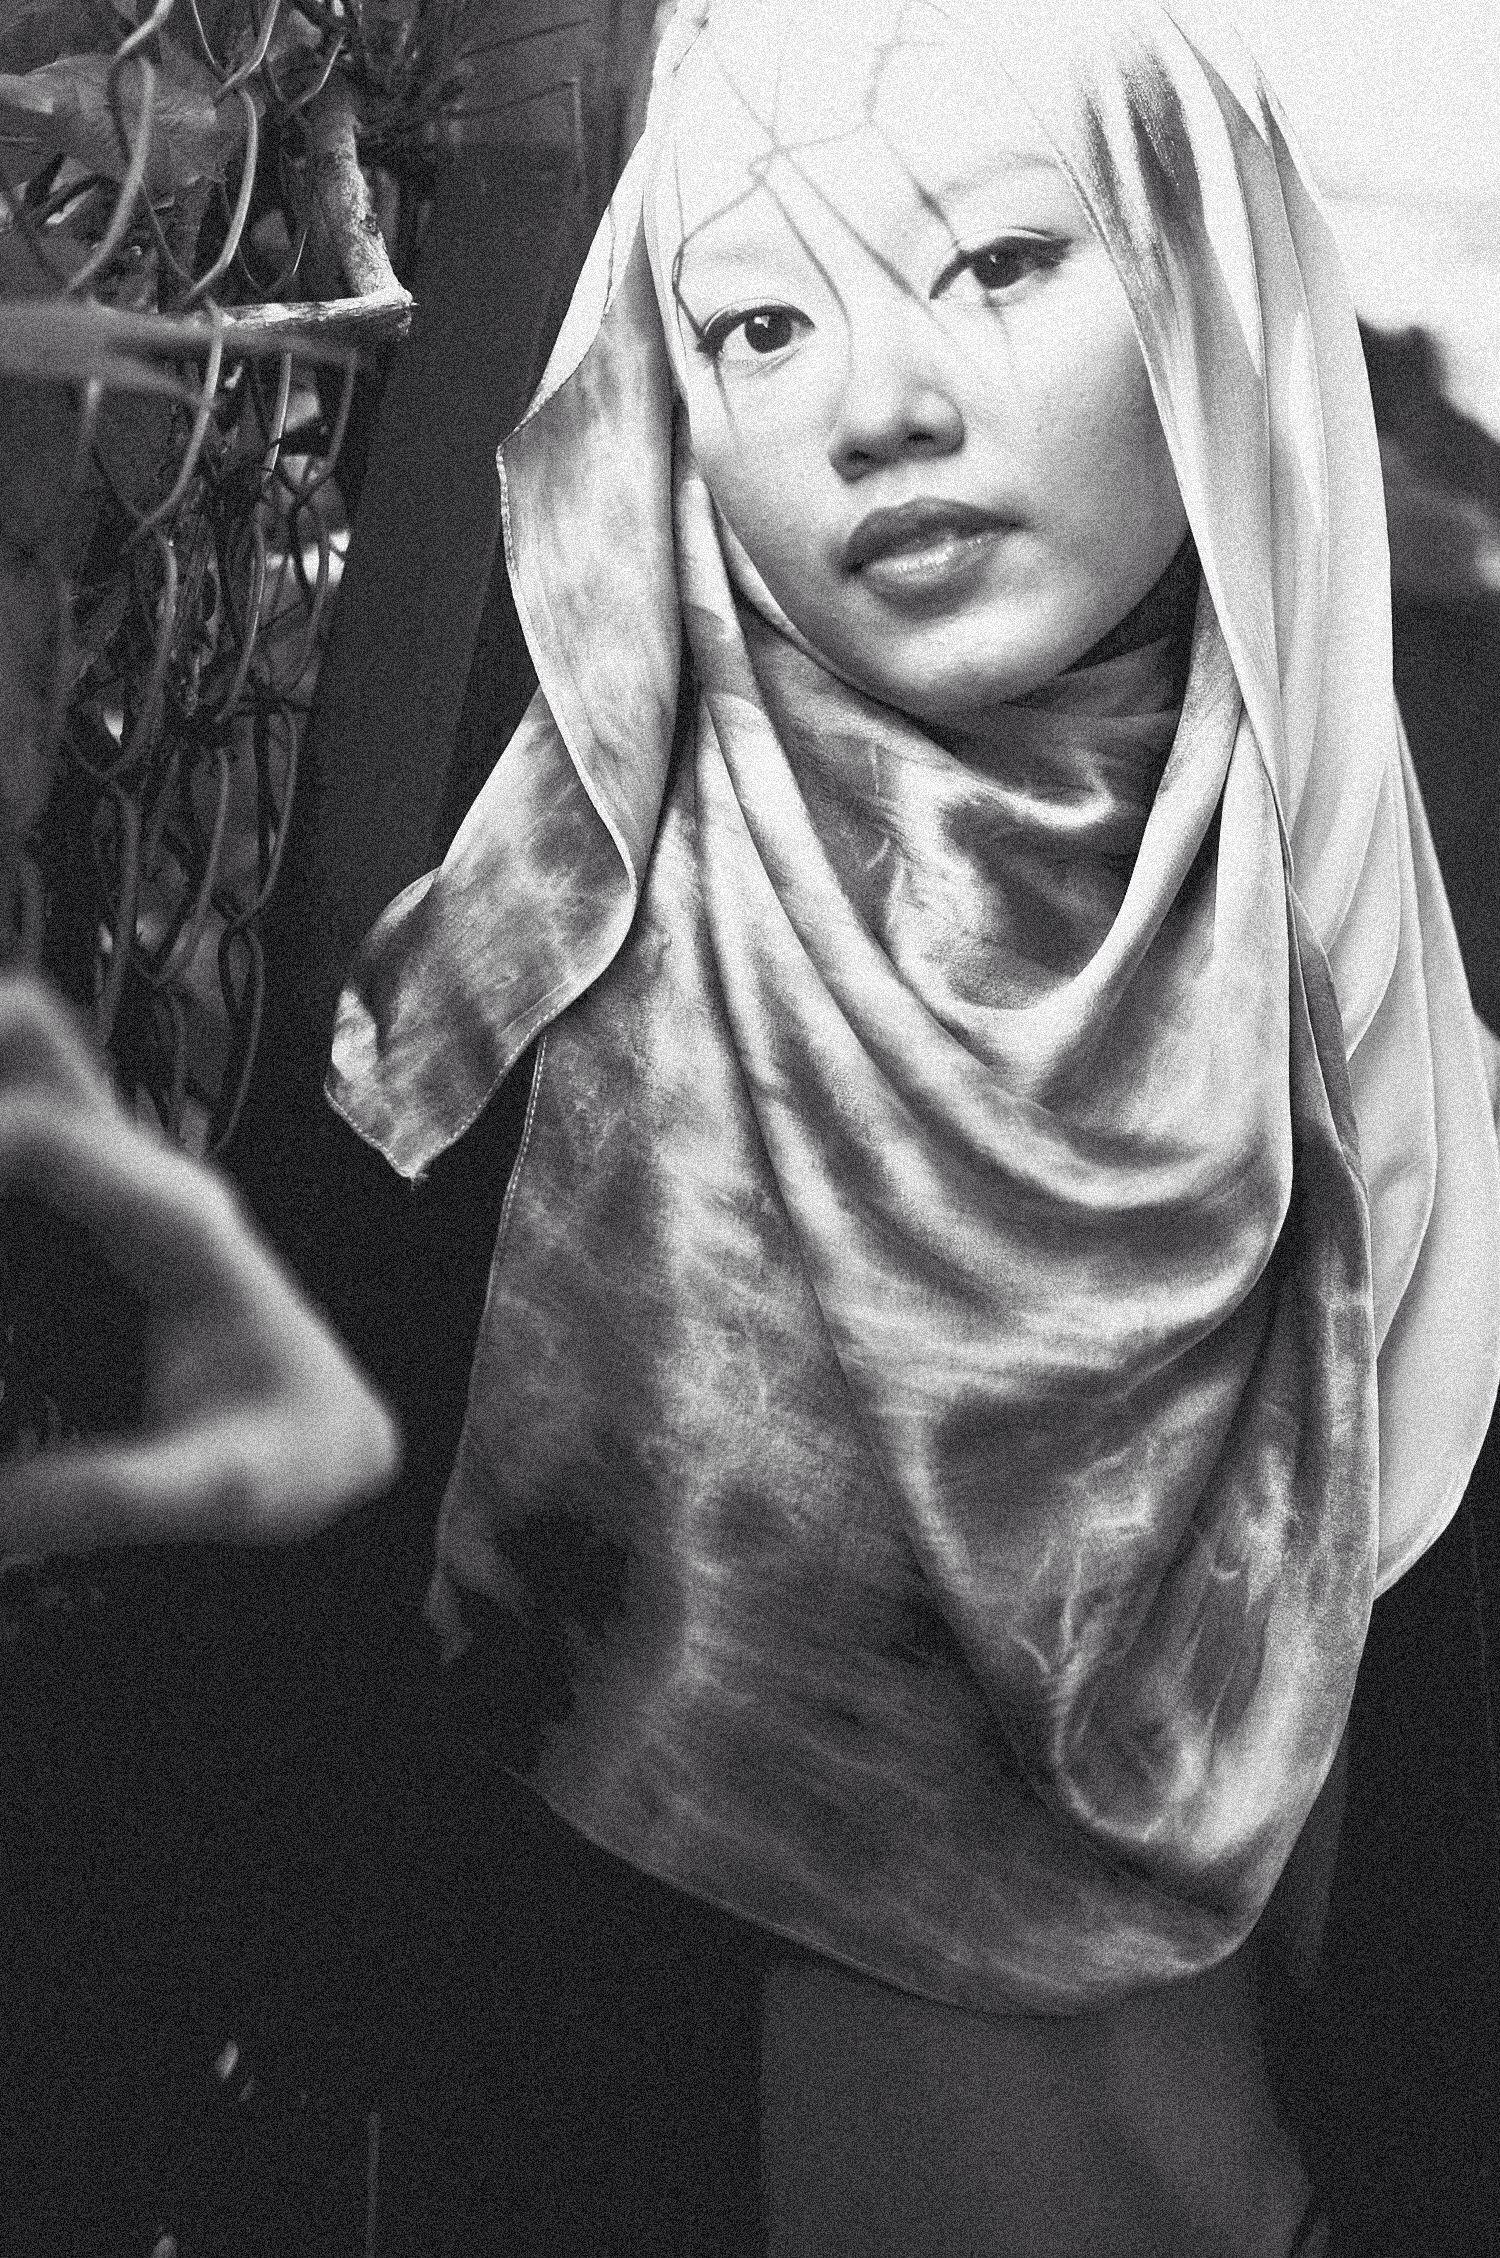 Tie dye scarves hijab style www haneimjphotoworks tumblr com